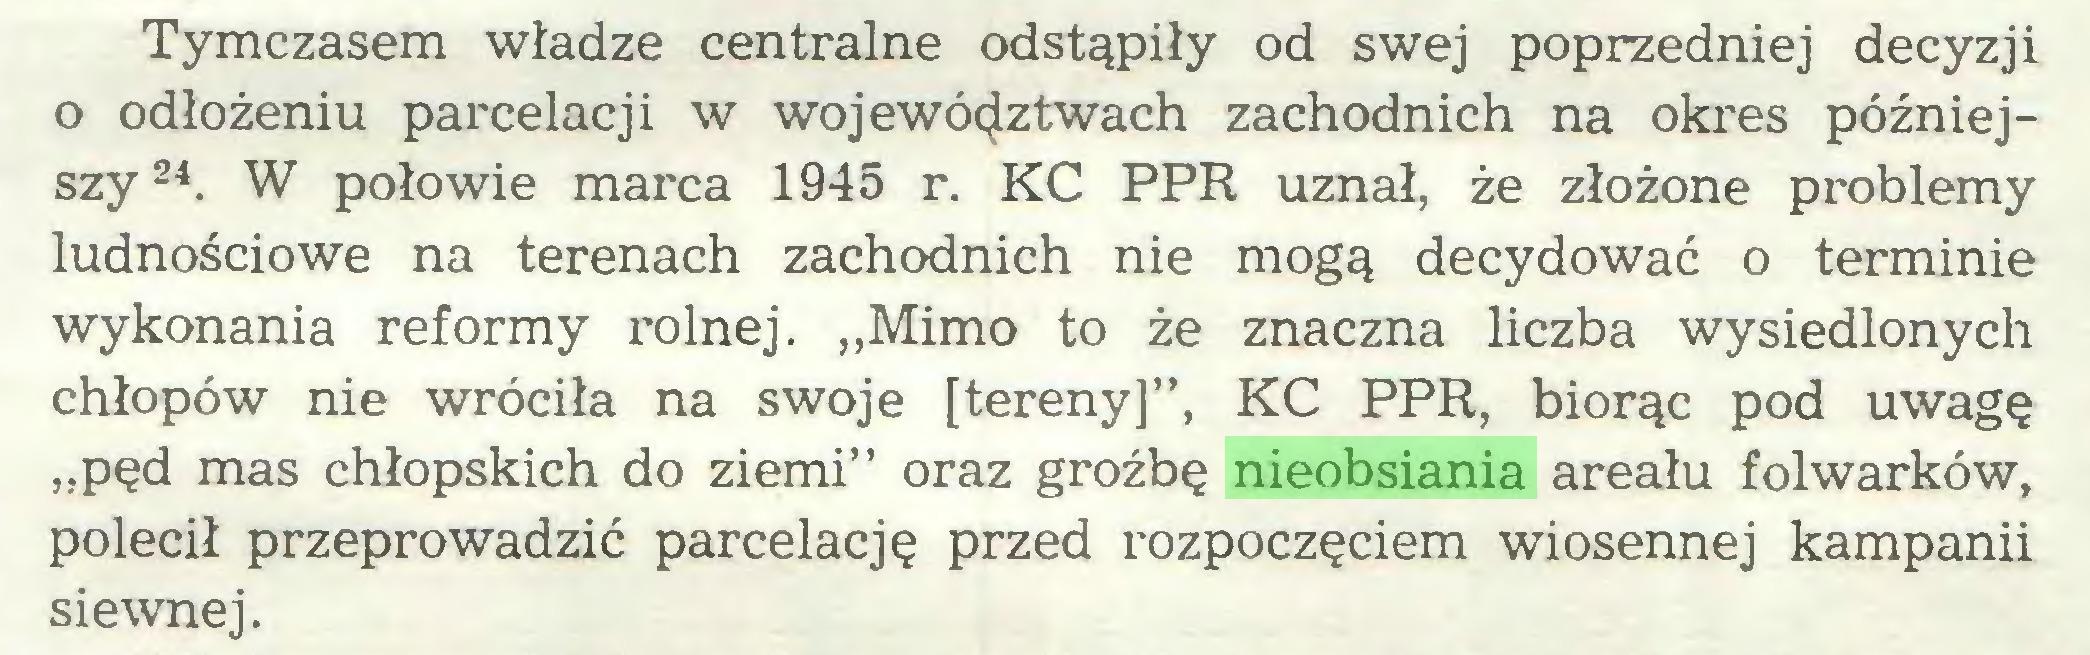 """(...) Tymczasem władze centralne odstąpiły od swej poprzedniej decyzji o odłożeniu parcelacji w województwach zachodnich na okres późniejszy24. W połowie marca 1945 r. KC PPR uznał, że złożone problemy ludnościowe na terenach zachodnich nie mogą decydować o terminie wykonania reformy rolnej. """"Mimo to że znaczna liczba wysiedlonych chłopów nie wróciła na swoje [tereny]"""", KC PPR, biorąc pod uwagę """"pęd mas chłopskich do ziemi"""" oraz groźbę nieobsiania areału folwarków, polecił przeprowadzić parcelację przed rozpoczęciem wiosennej kampanii siewnej..."""